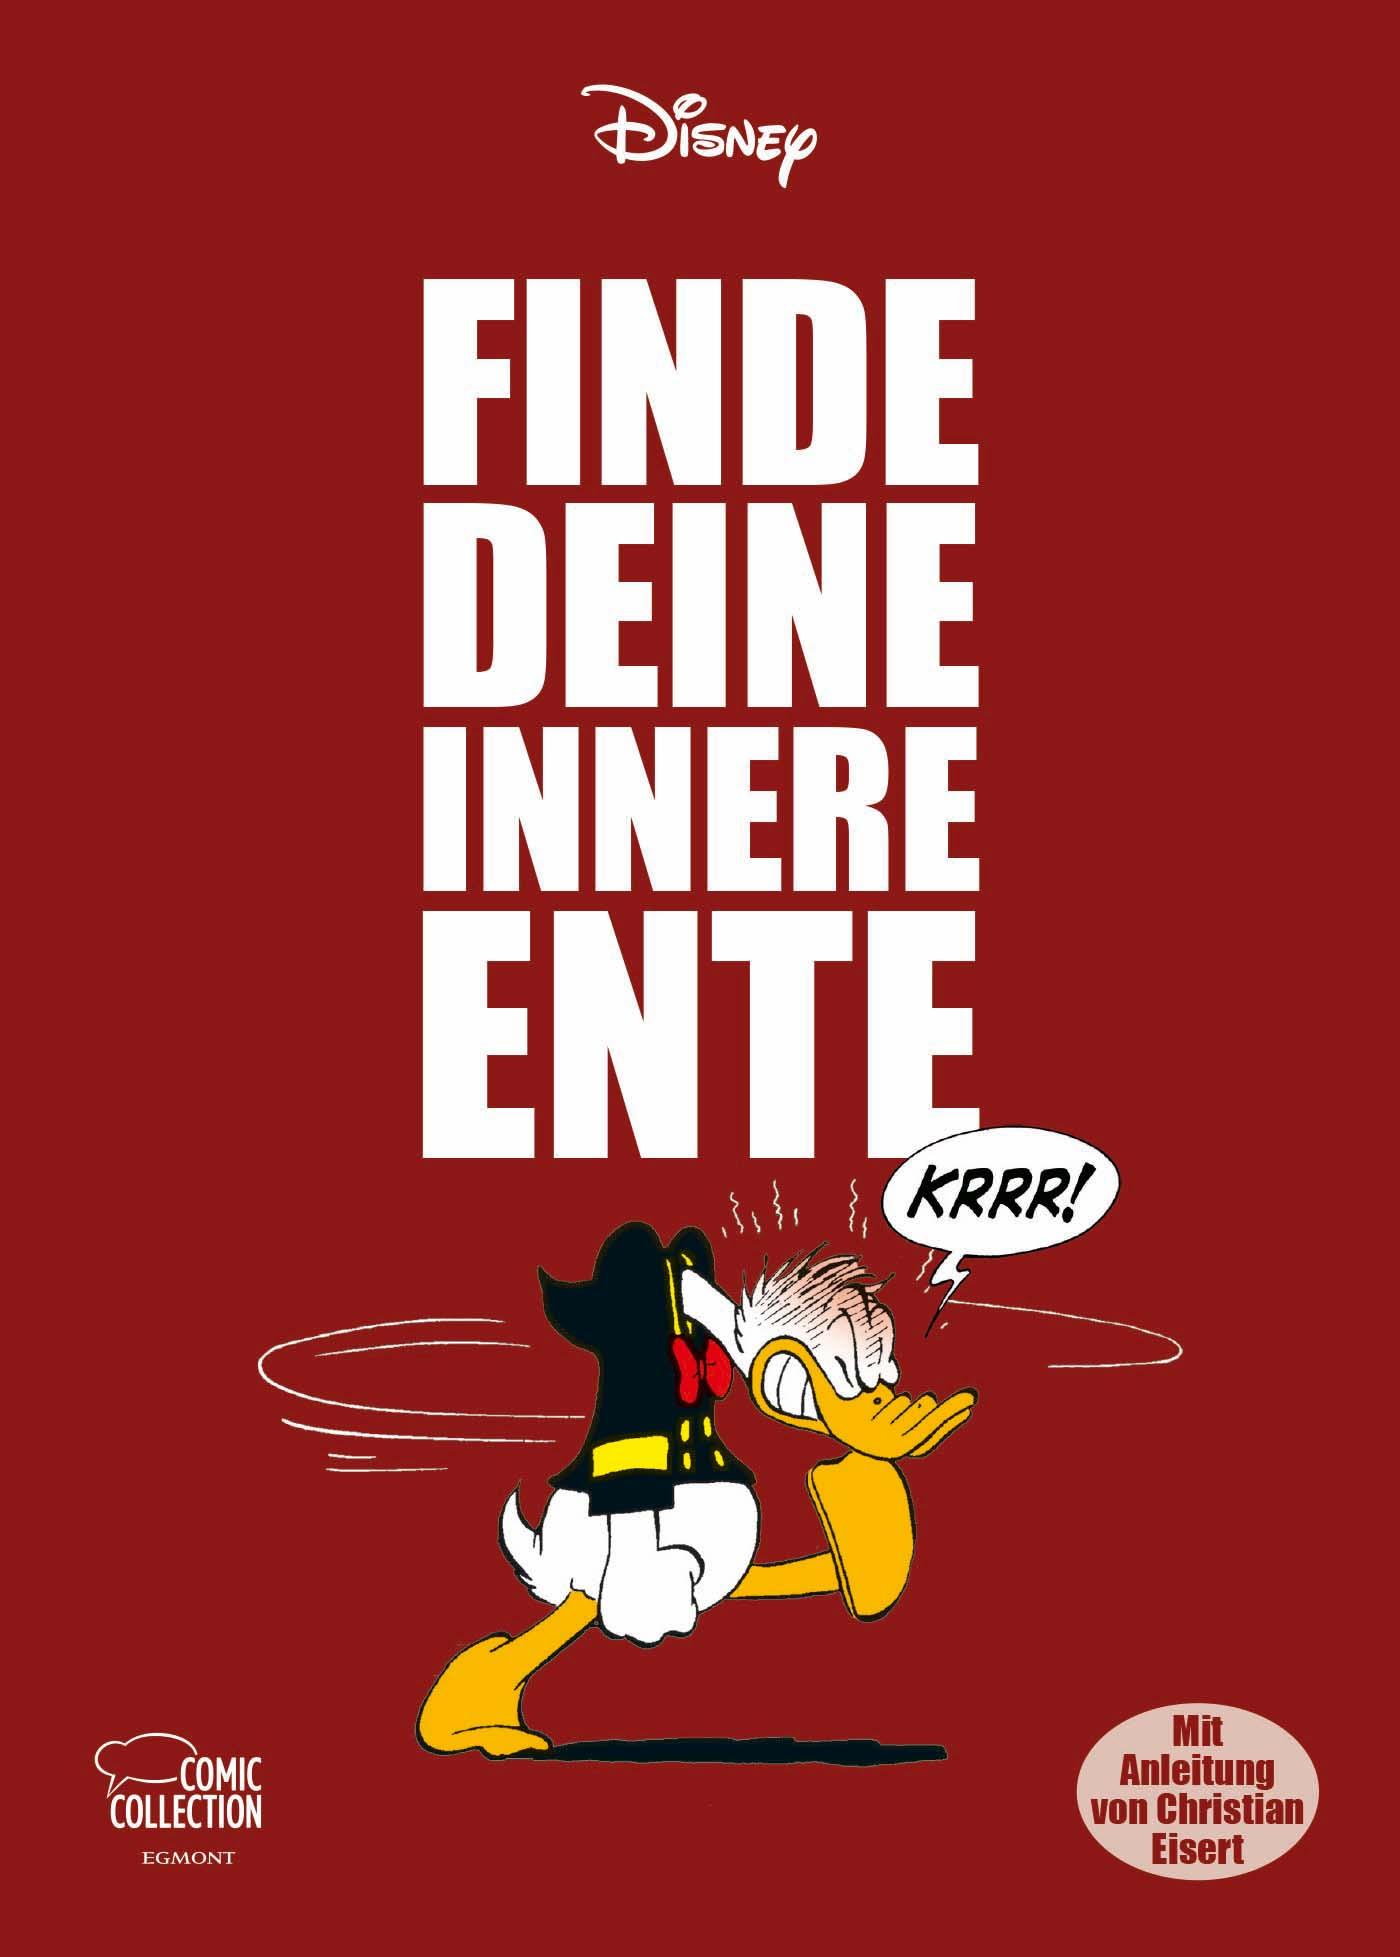 Finde deine innere Ente von Disney Walt